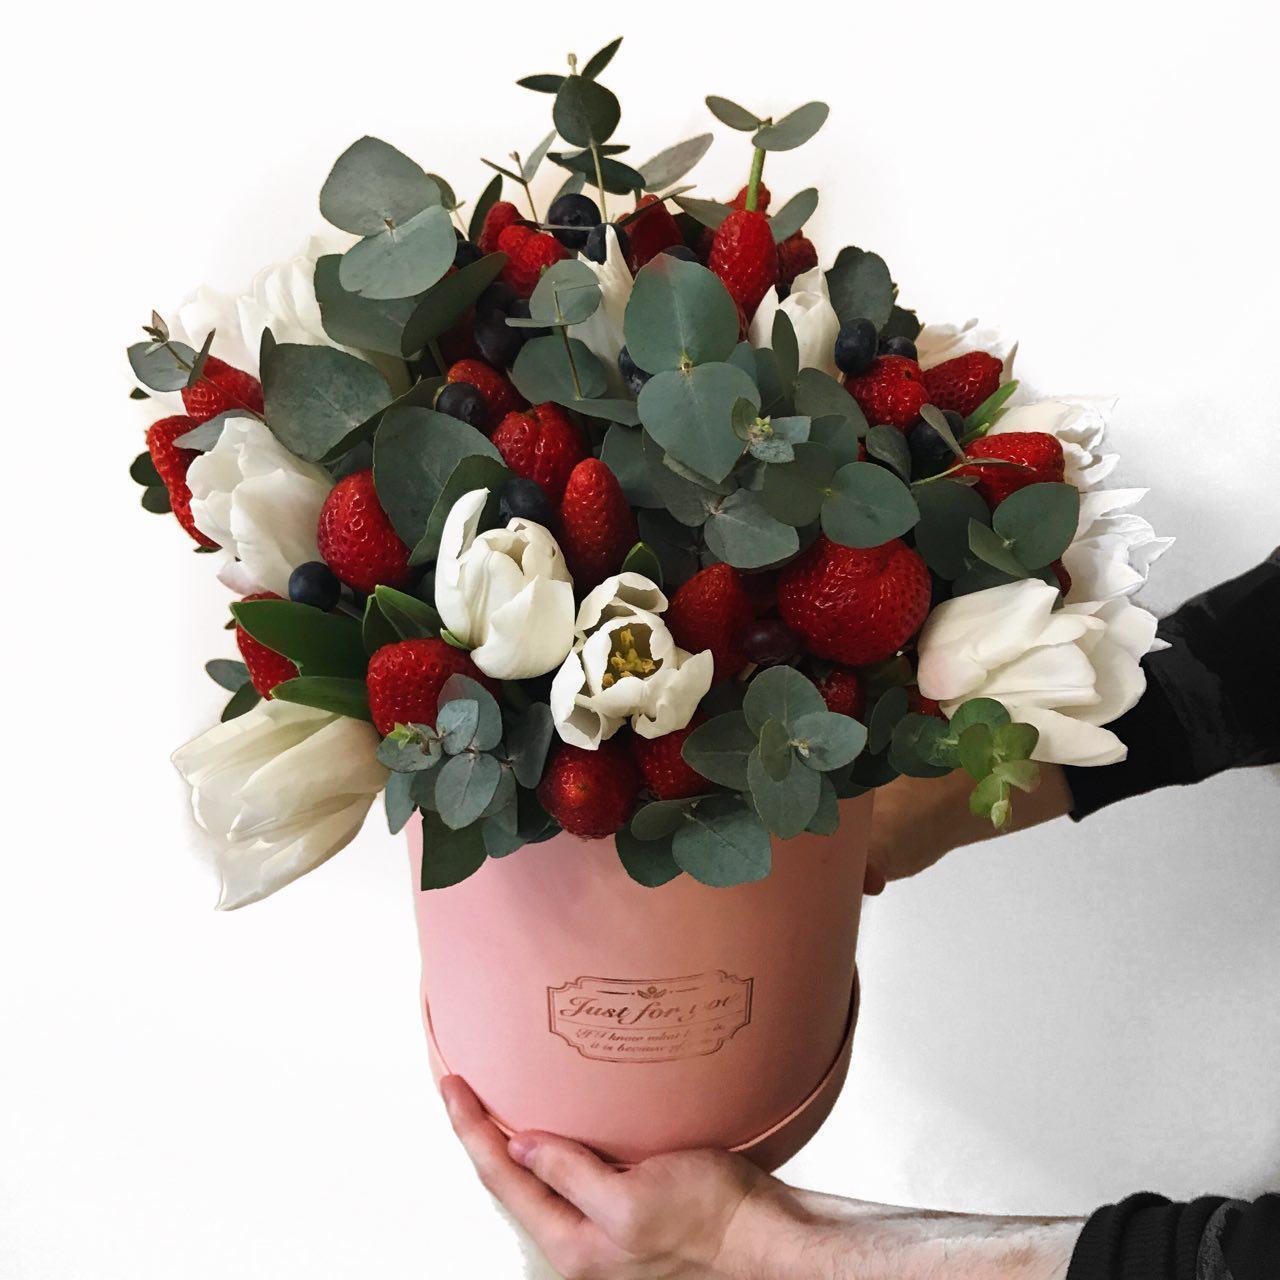 Цветов корзинке, как оформить в букет деньги и ягоды